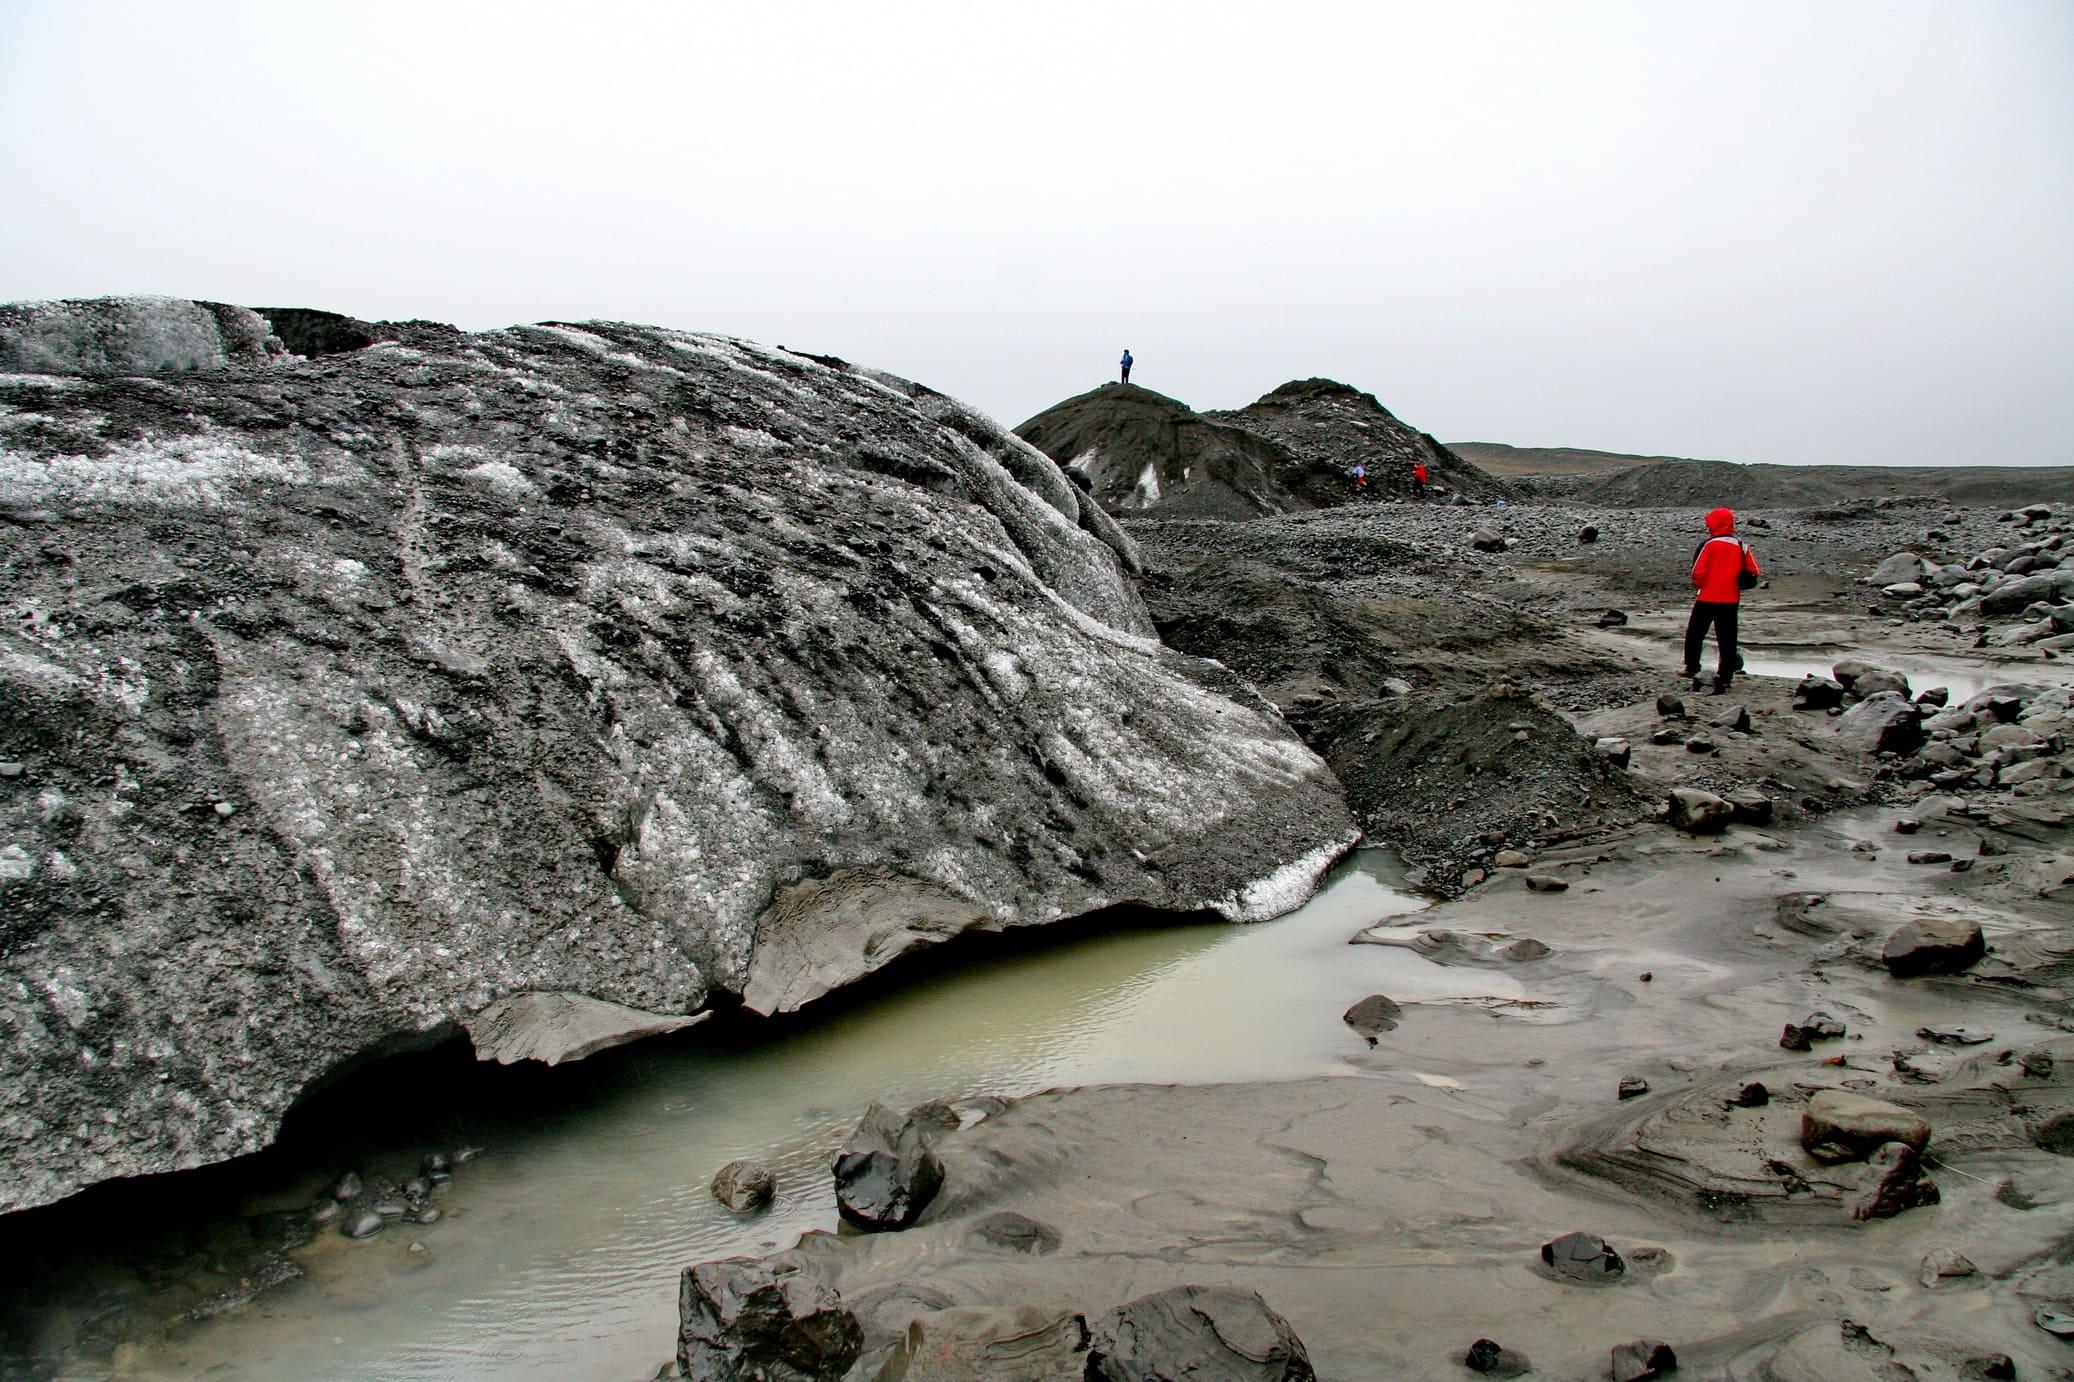 Здесь прошел водный поток, вызванный таянием ледника после извержения вулкана